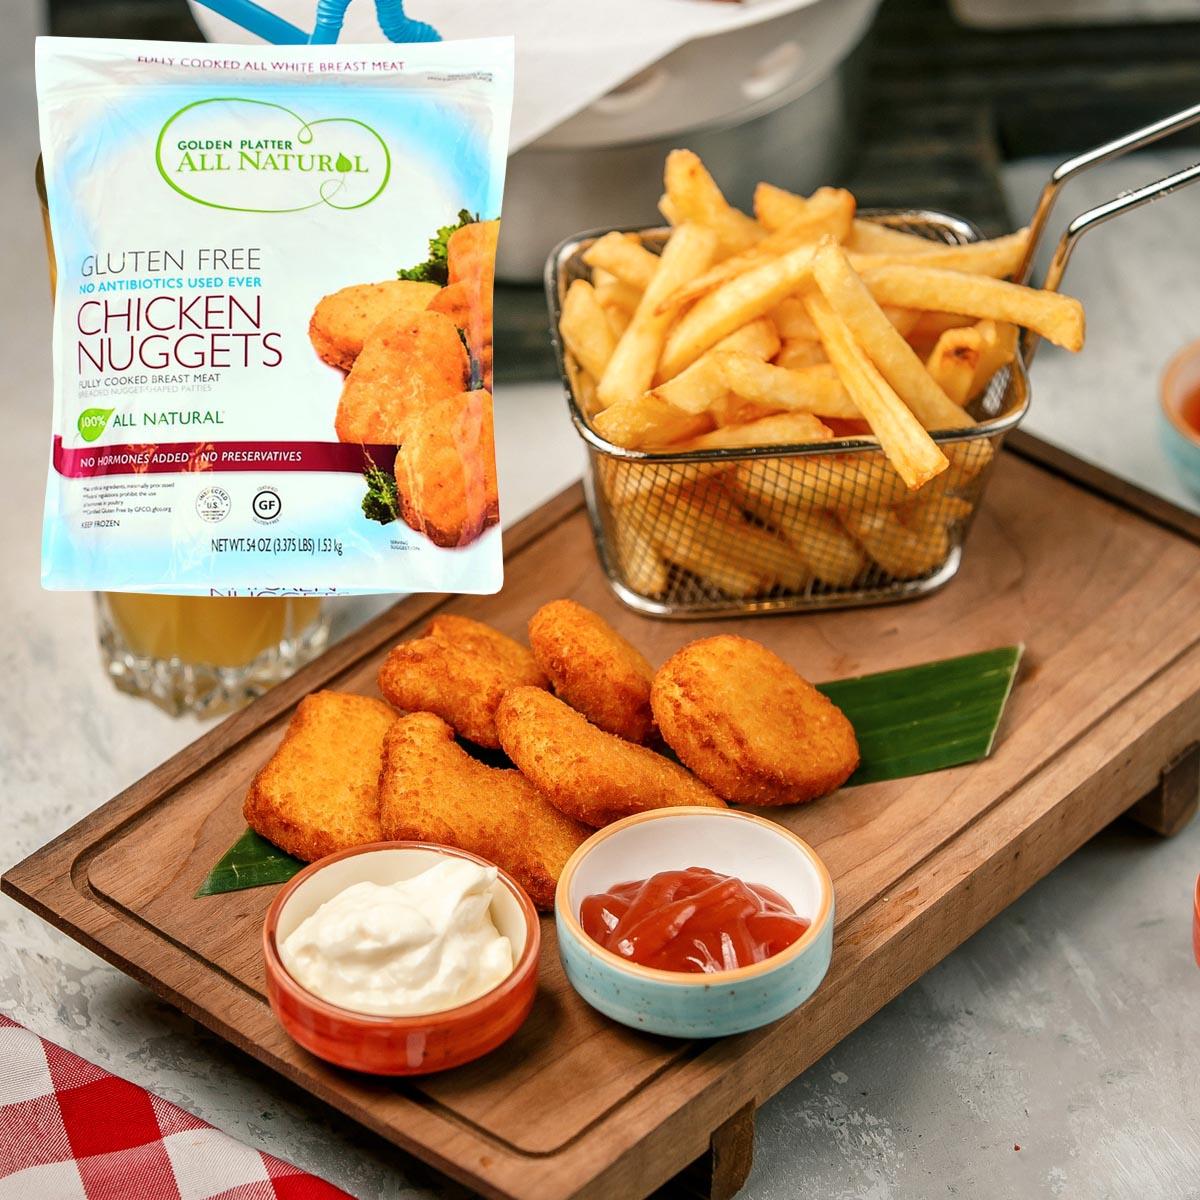 Golden Platter Gluten Free Chicken Nuggerts Packaged Feature